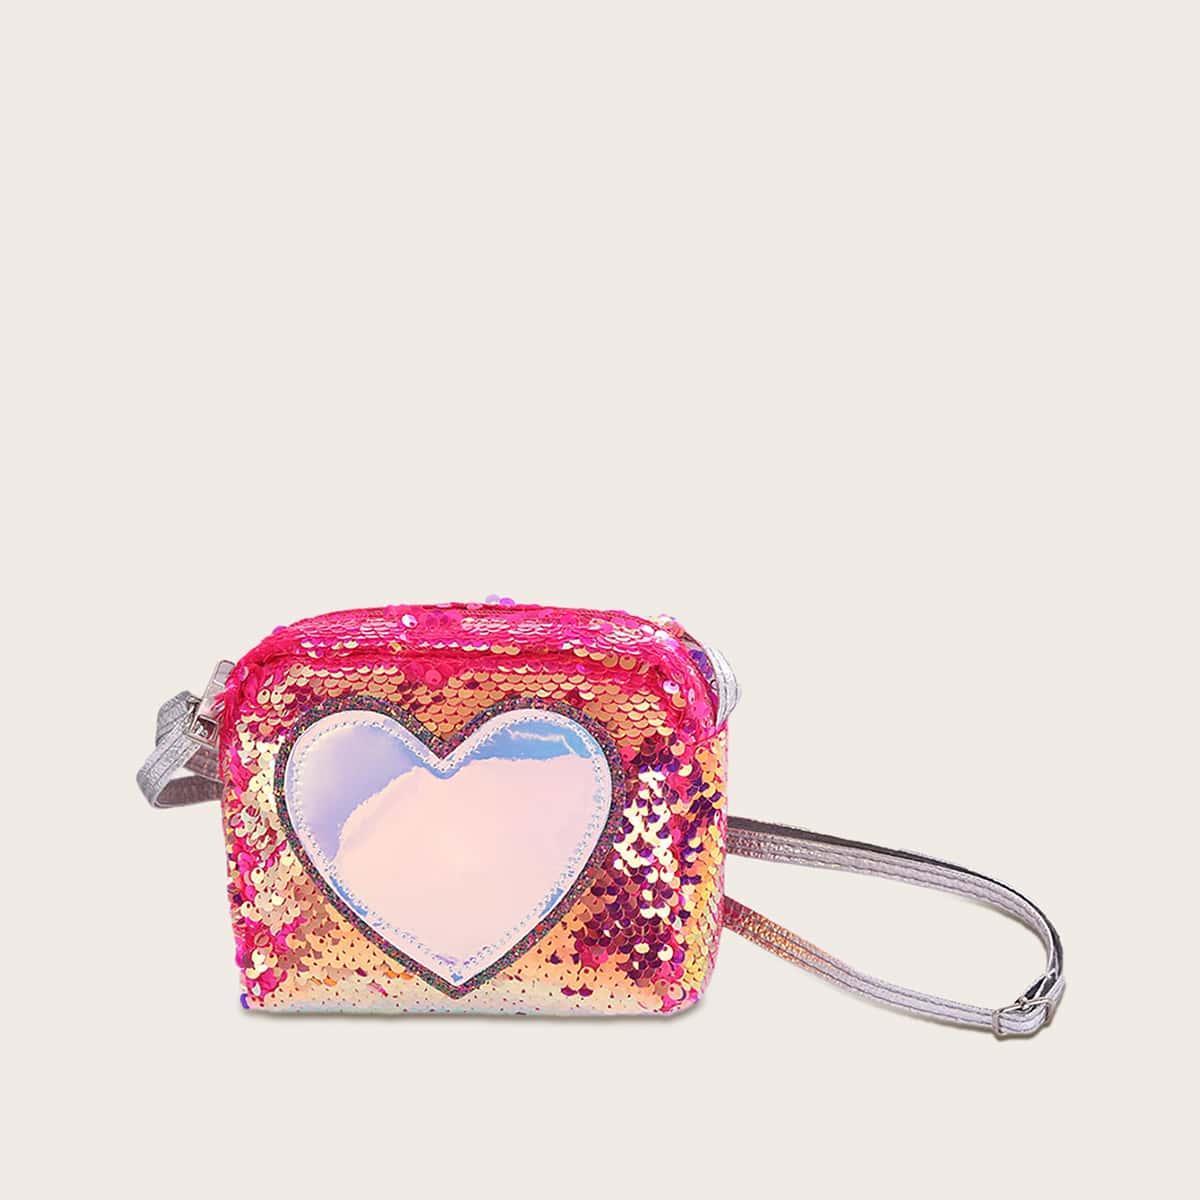 Сумка через плечо с сердечным узором и блестками для девочек